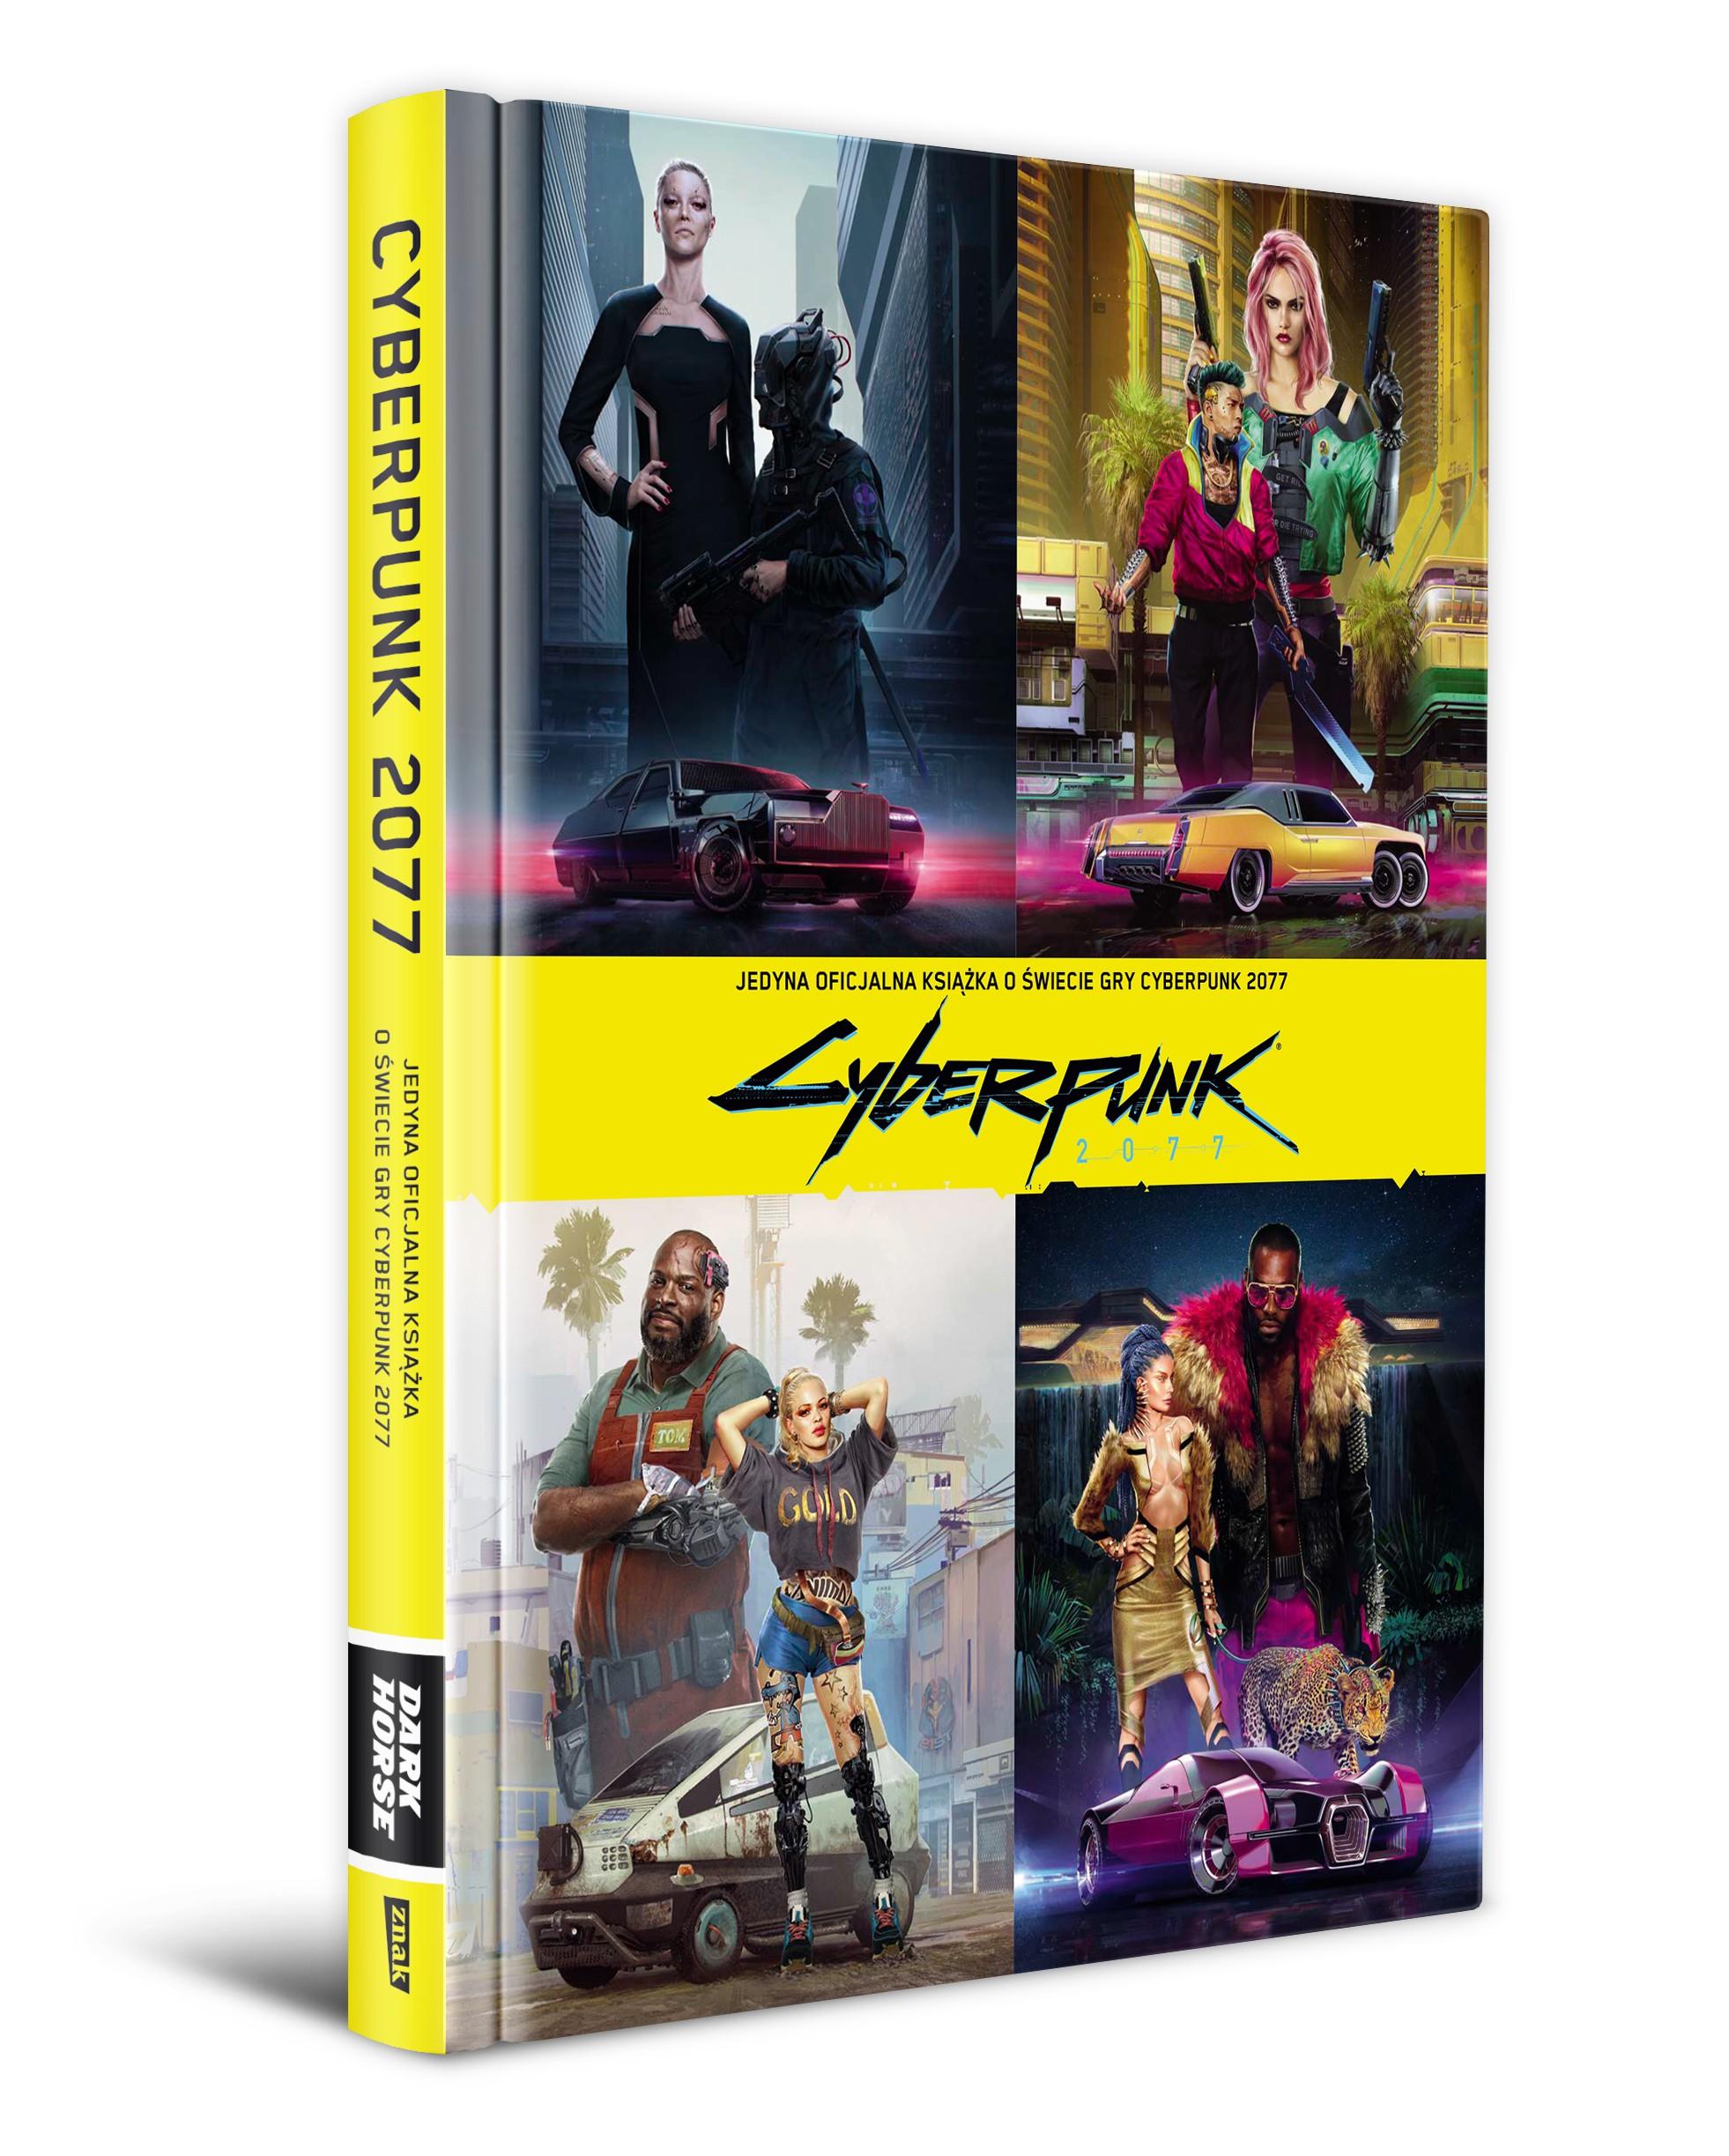 Cyberpunk 2077. Jedyna oficjalna książka o świecie